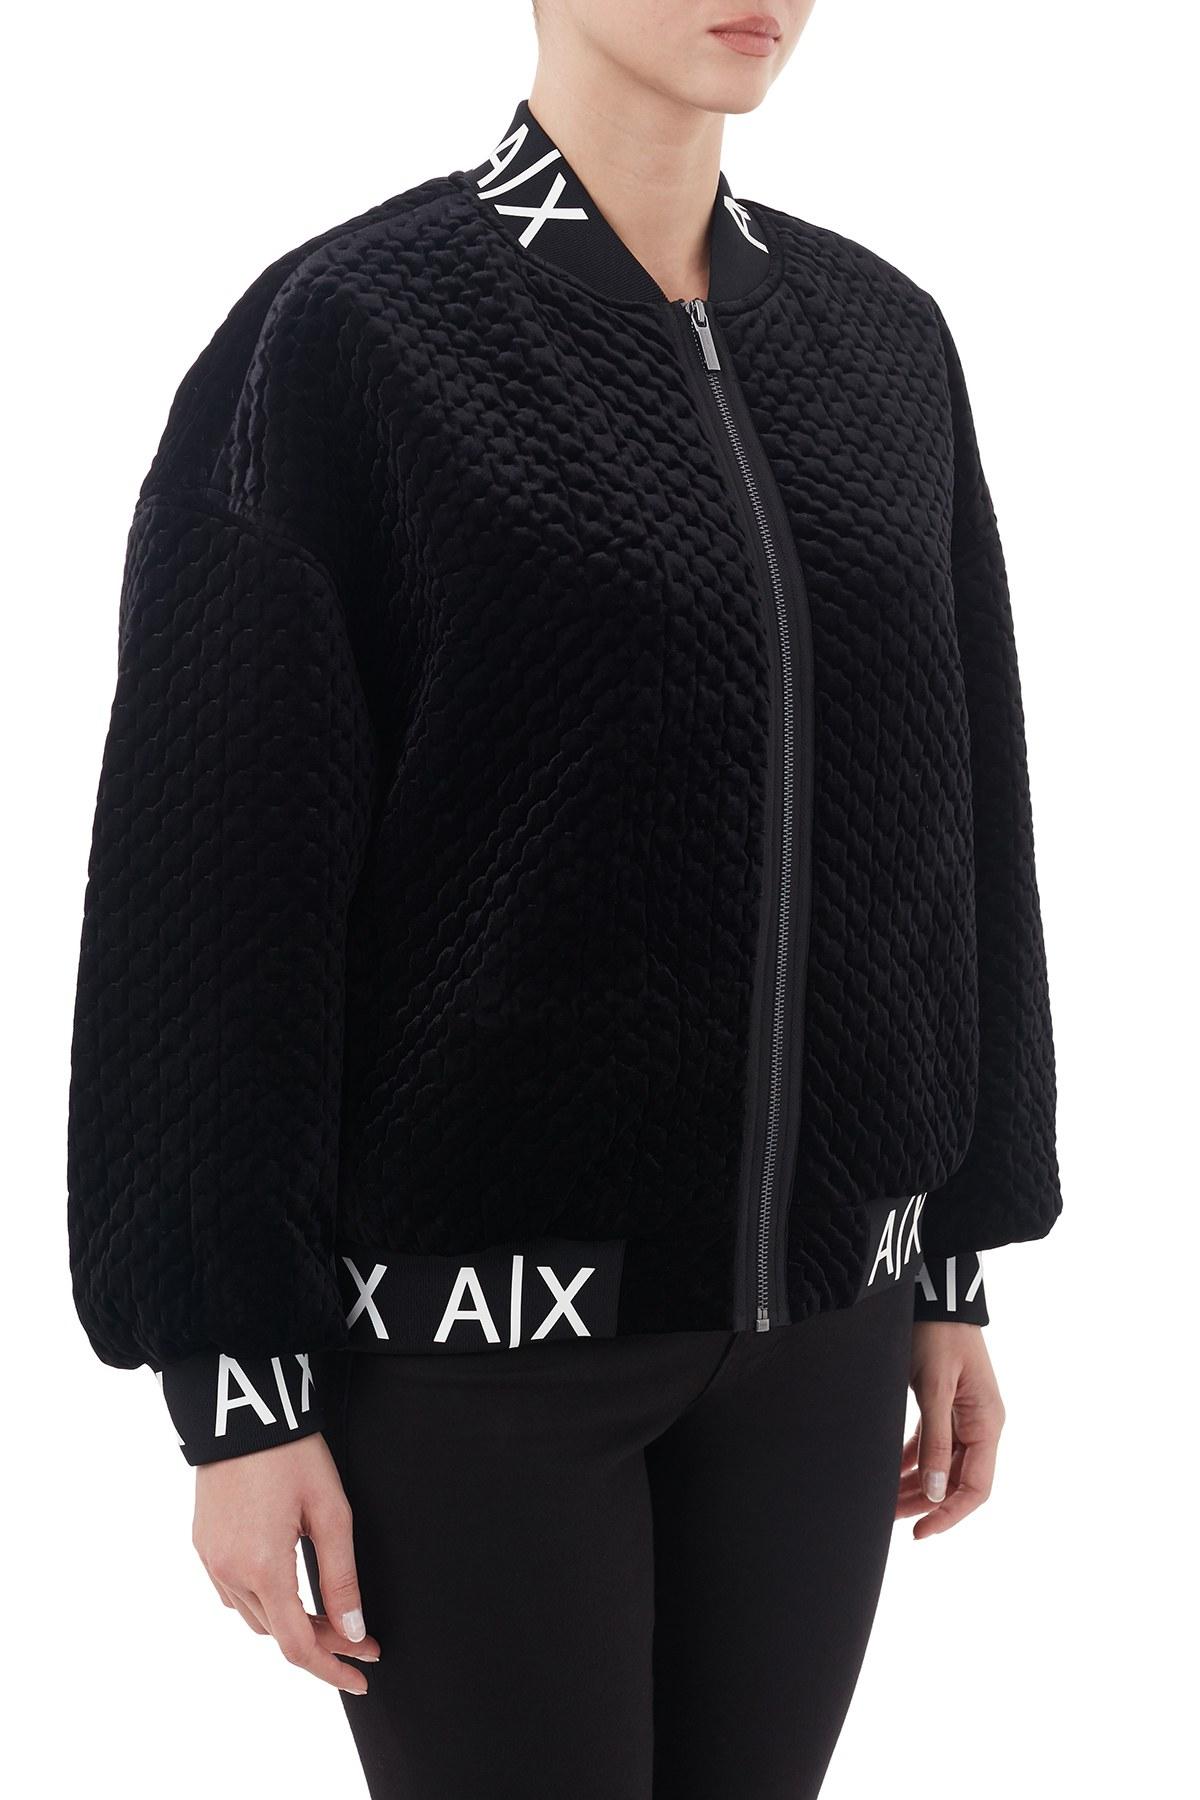 Armani Exchange Logo Baskılı Elastik Bantlı Kadın Mont 6HYB38 YNMNZ 1200 SİYAH